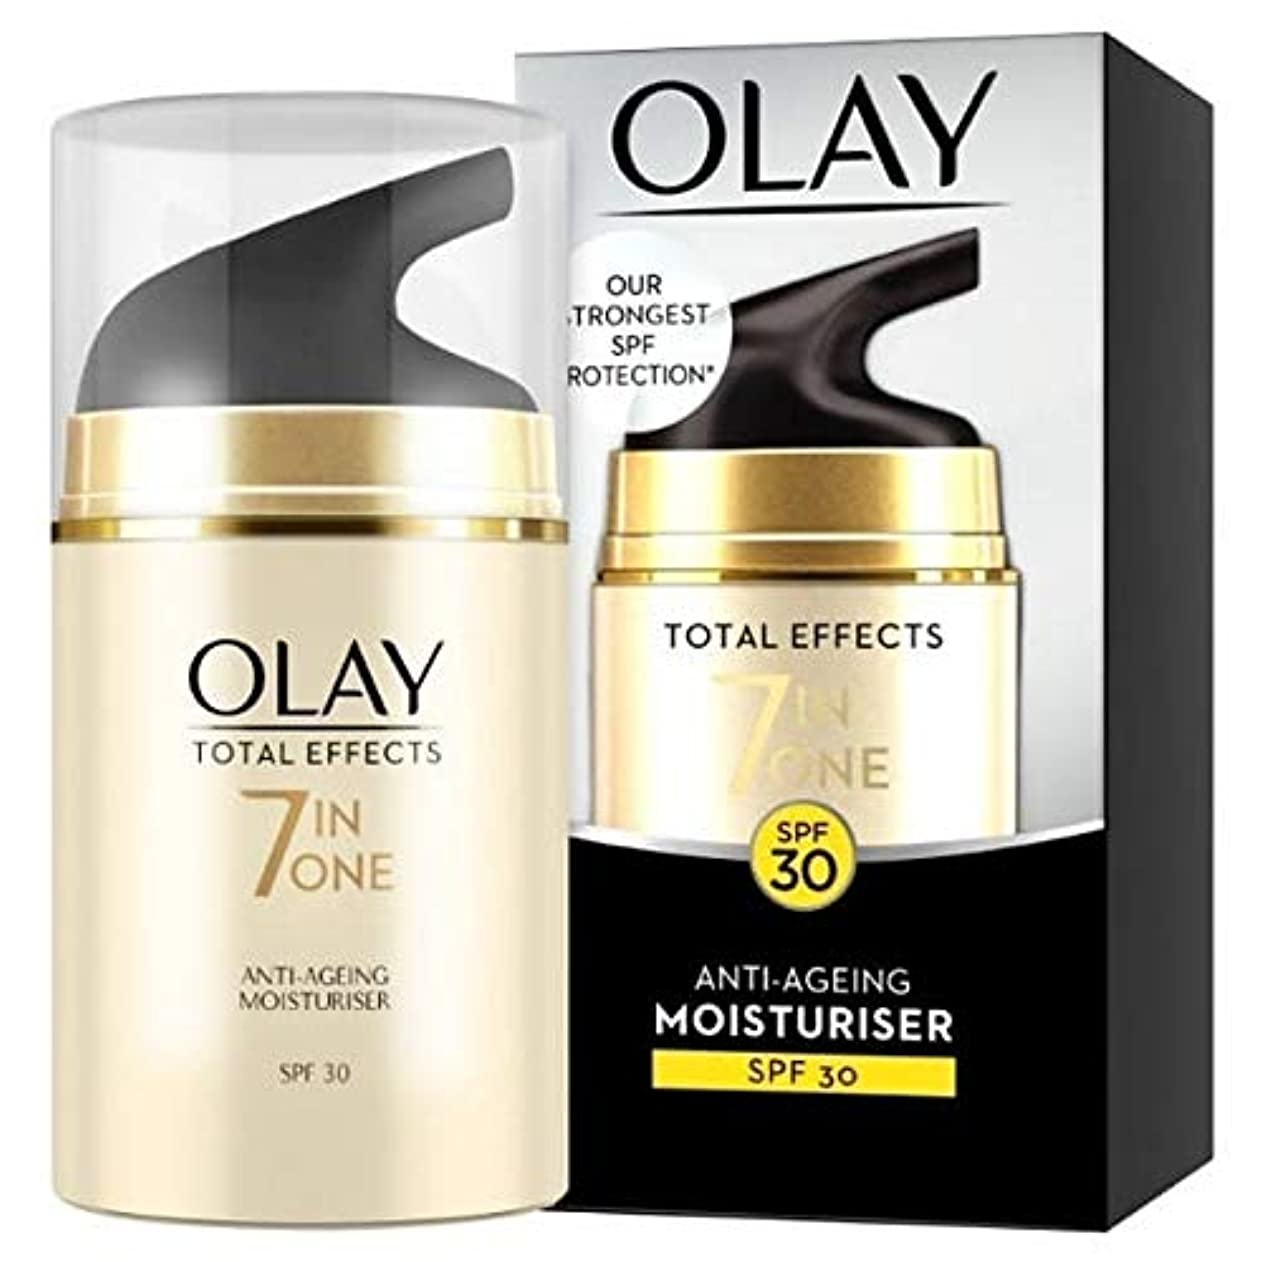 他のバンドで堀スティーブンソン[Olay ] オーレイ総効果保湿Spf 30 50Mlの - Olay Total Effects Moisturiser SPF 30, 50 ml [並行輸入品]